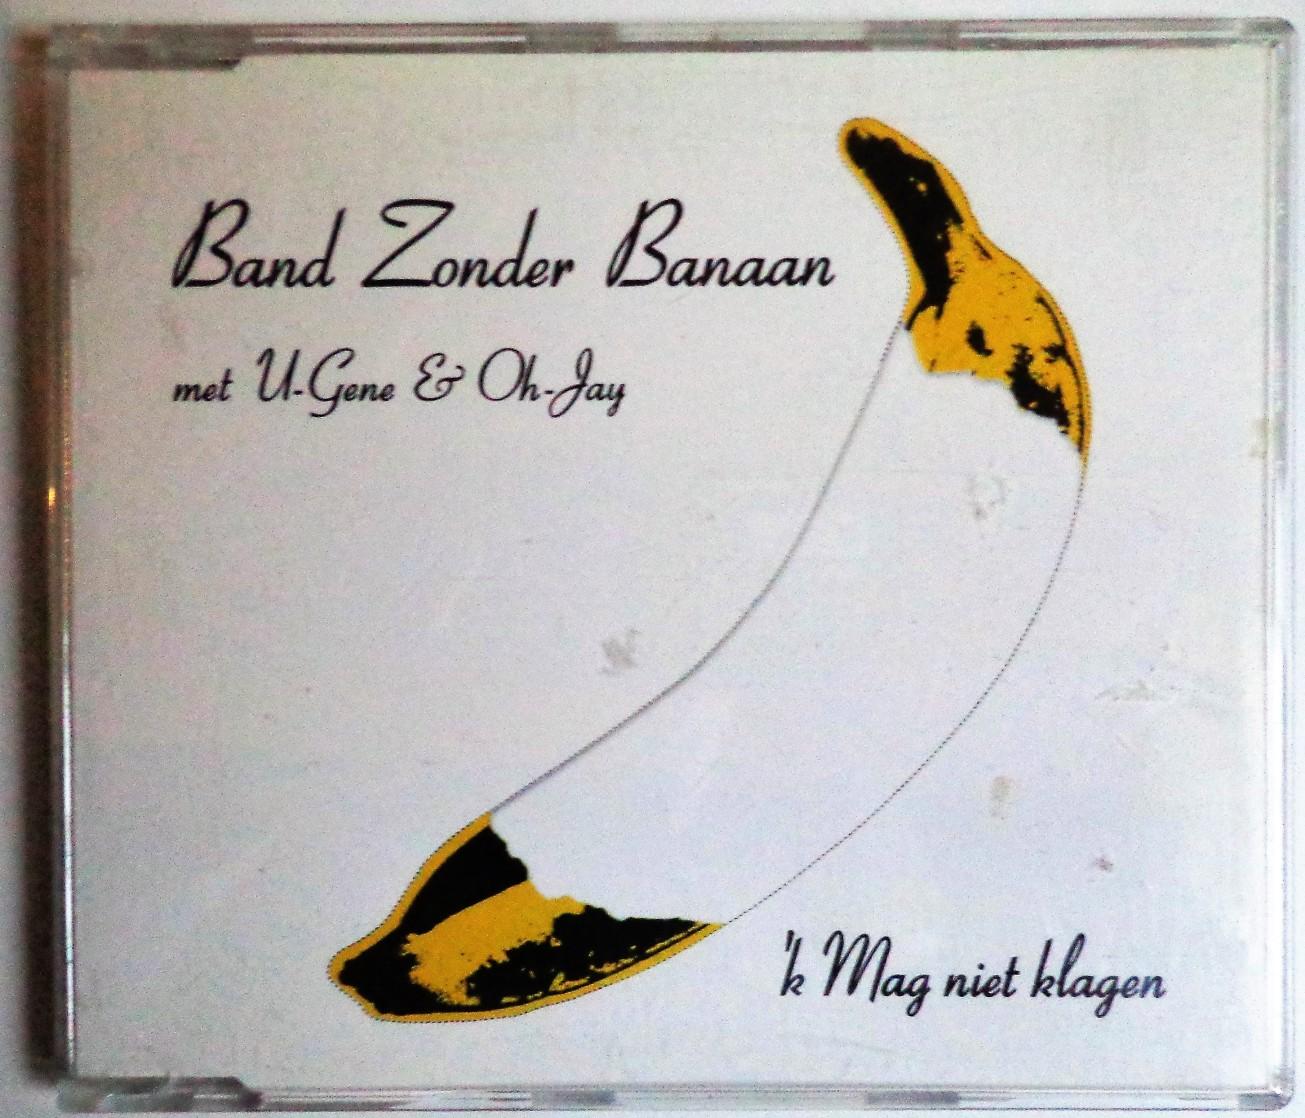 Band zoner Banaan